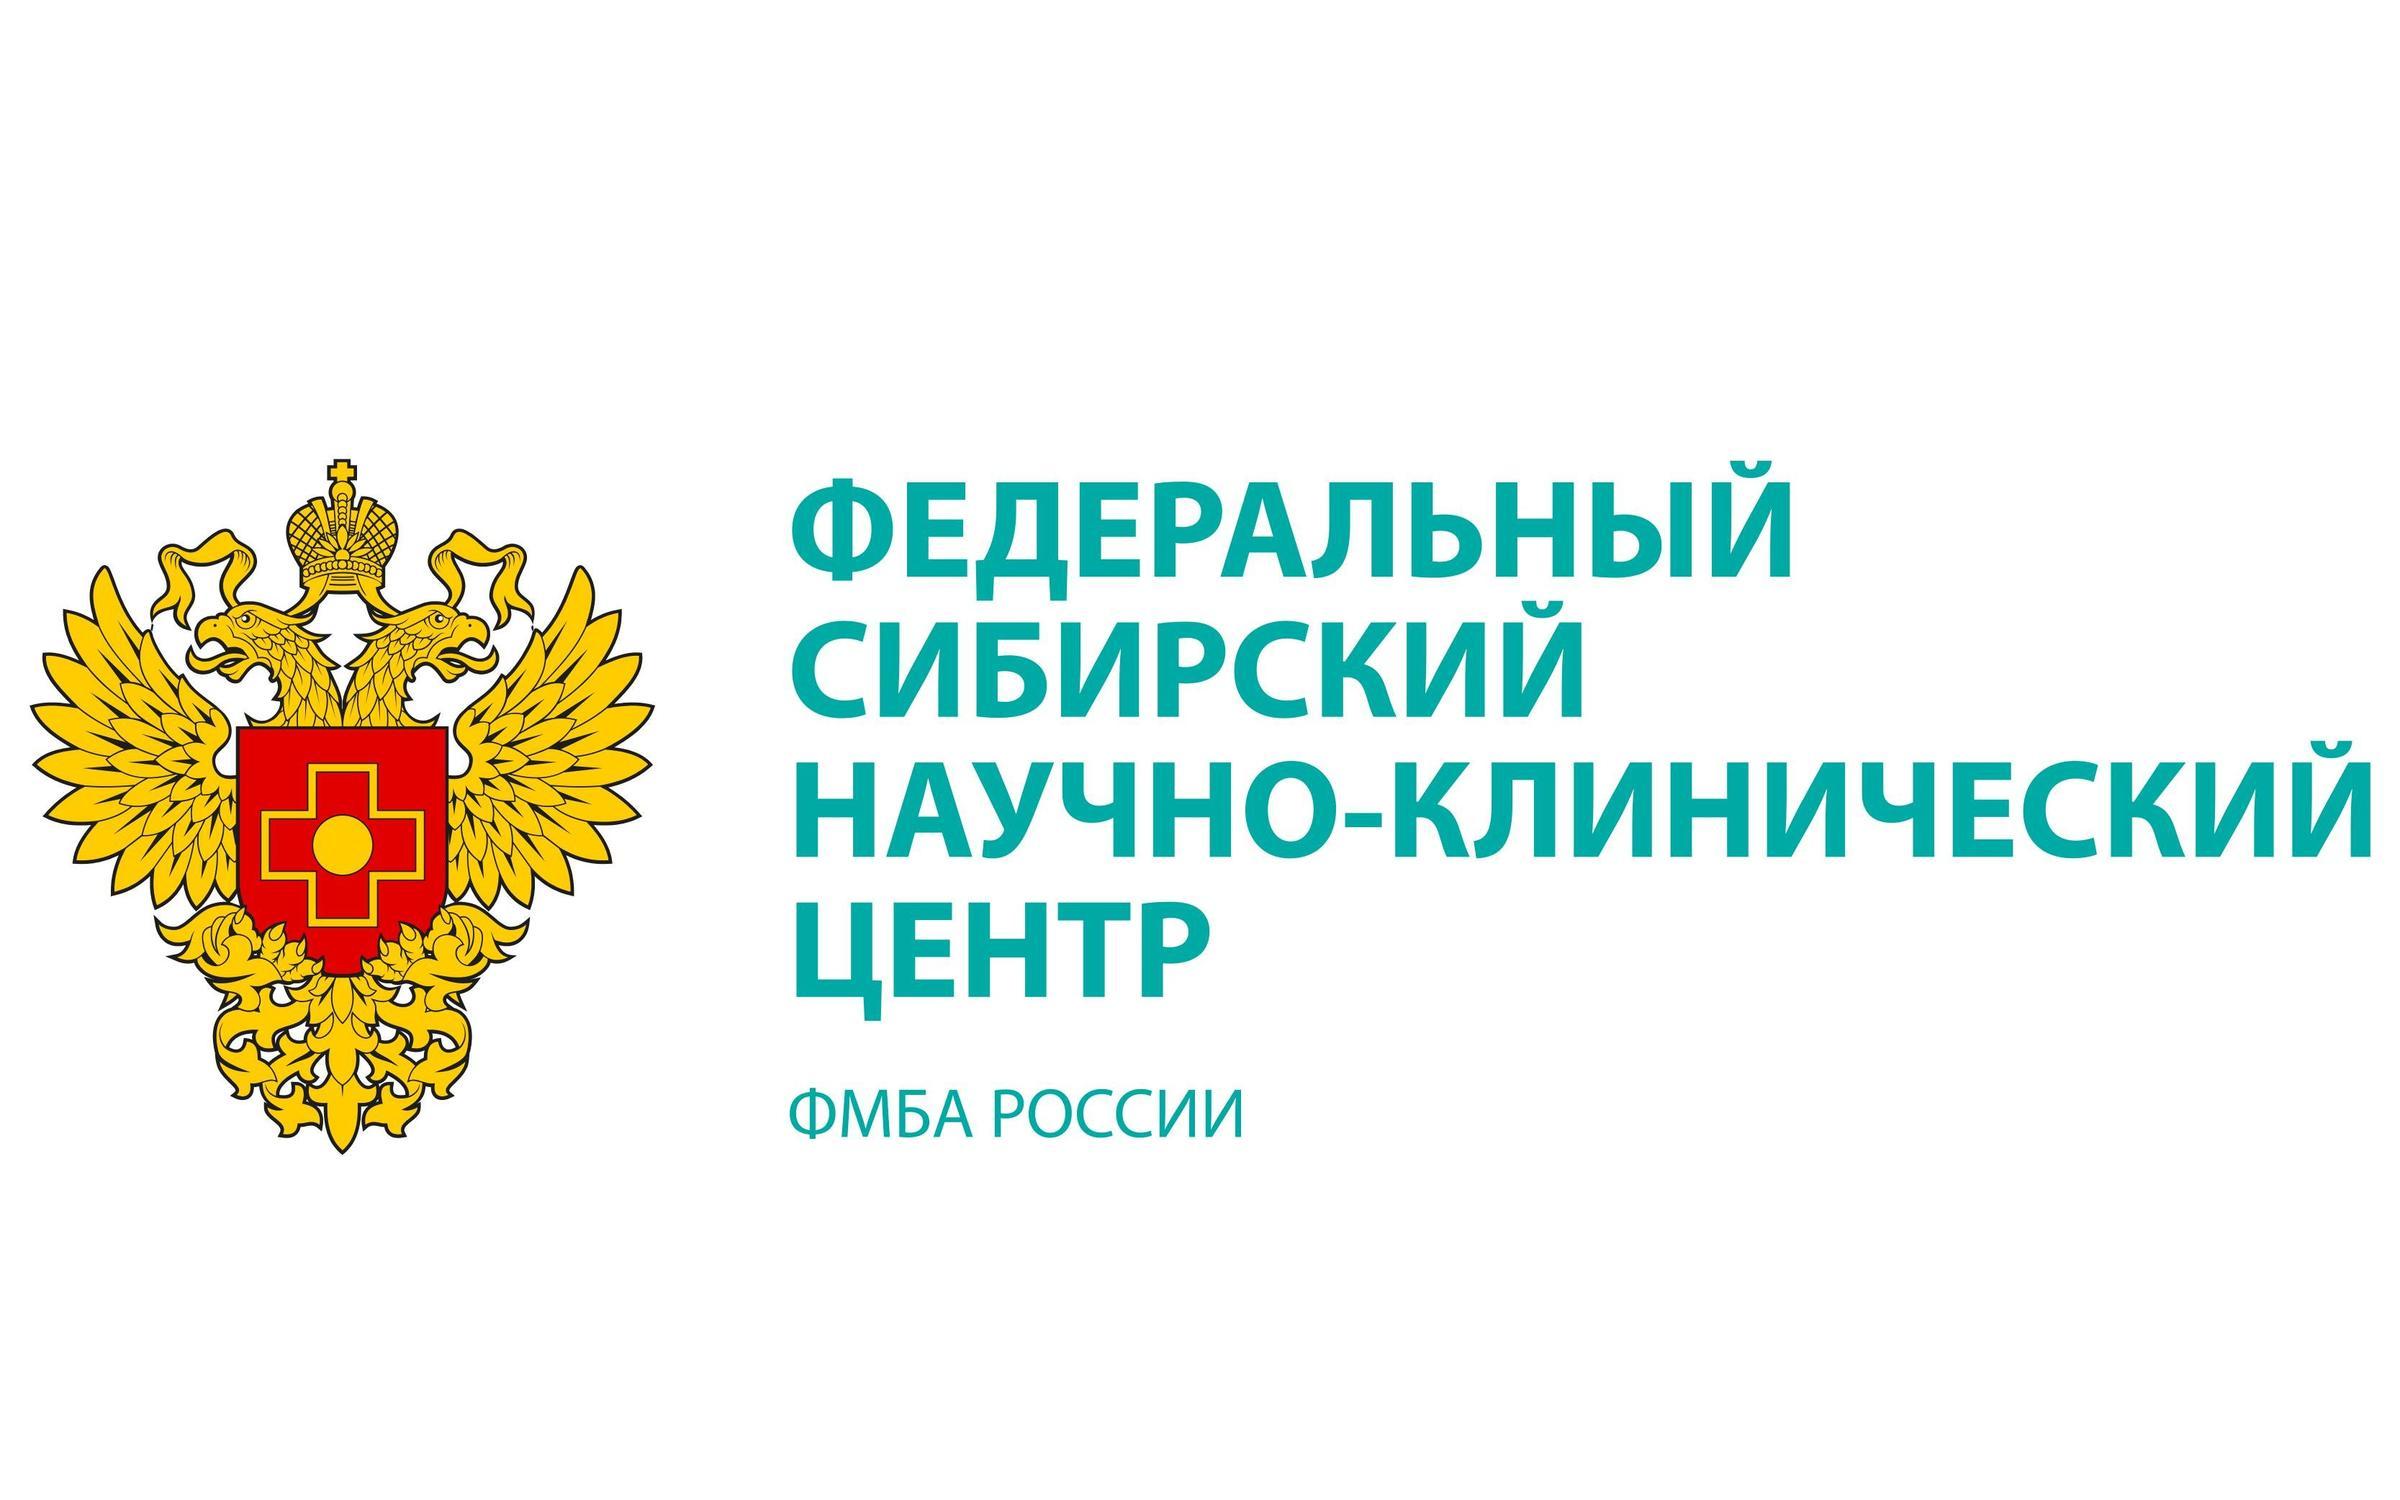 фотография Федеральный Сибирский научно-клинический центр на Коломенской улице